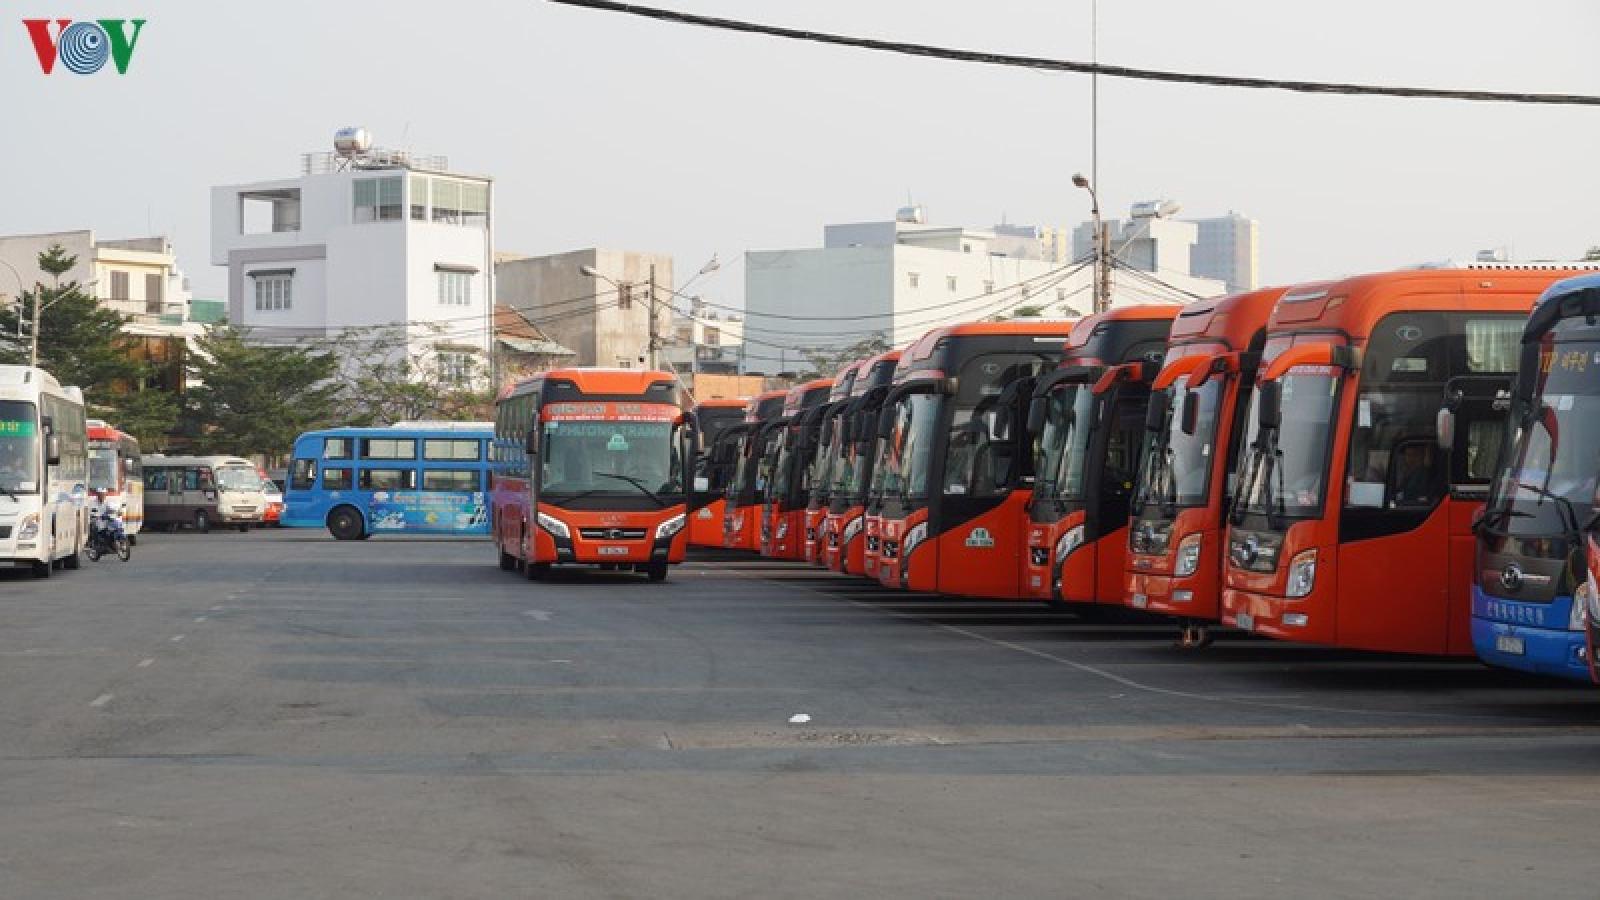 Cho phép xe khách, taxi, xe công nghệ hoạt động tại TP Hồ Chí Minh